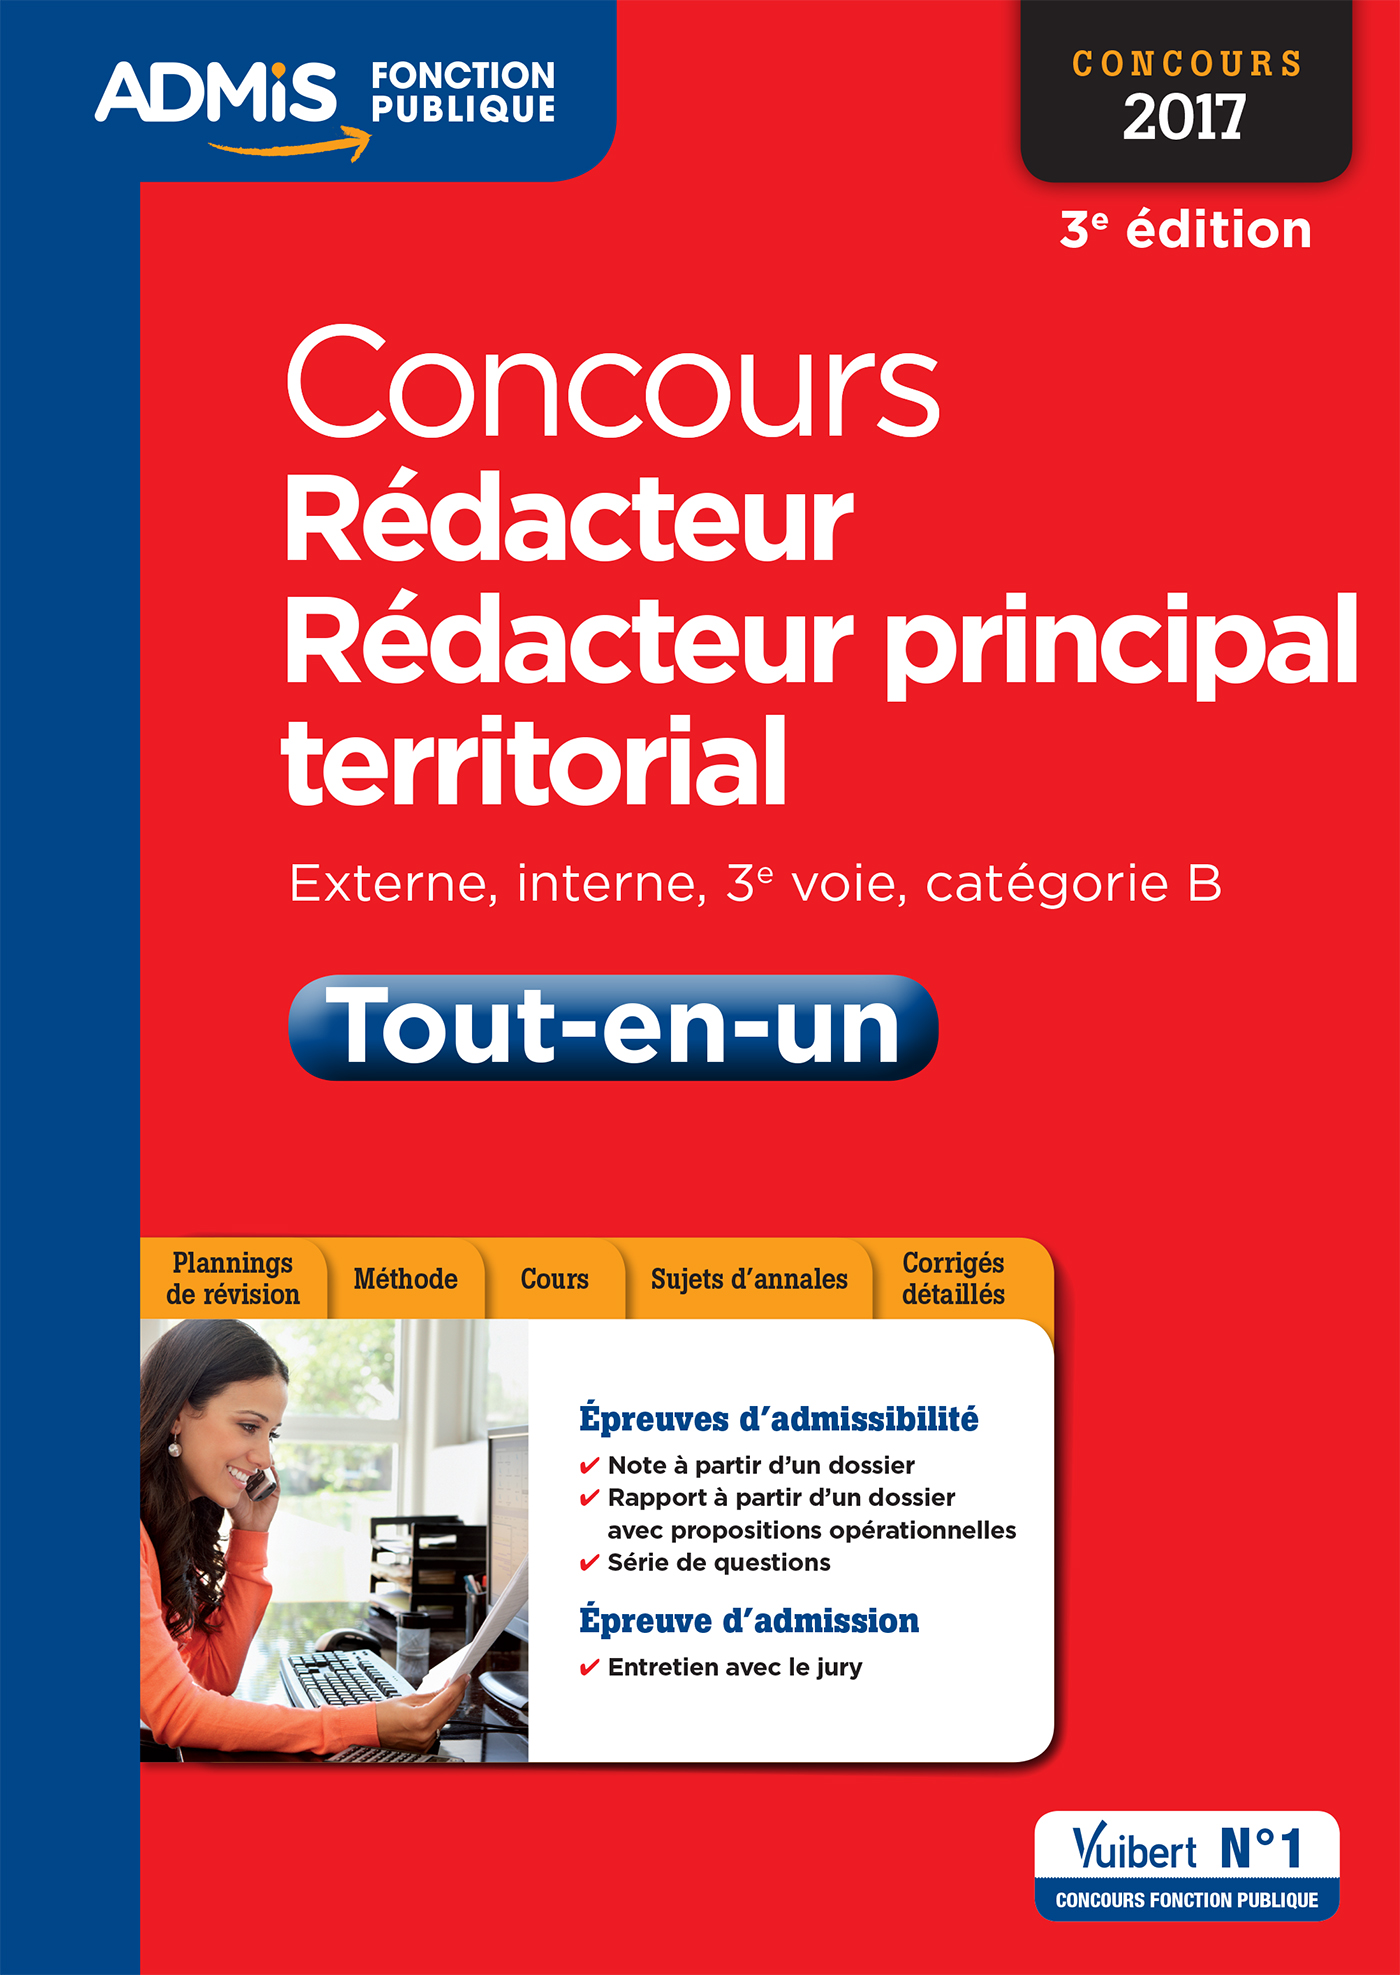 f17385a51c4 Concours Rédacteur et Rédacteur principal territorial - Catégorie B -  Tout-en-un